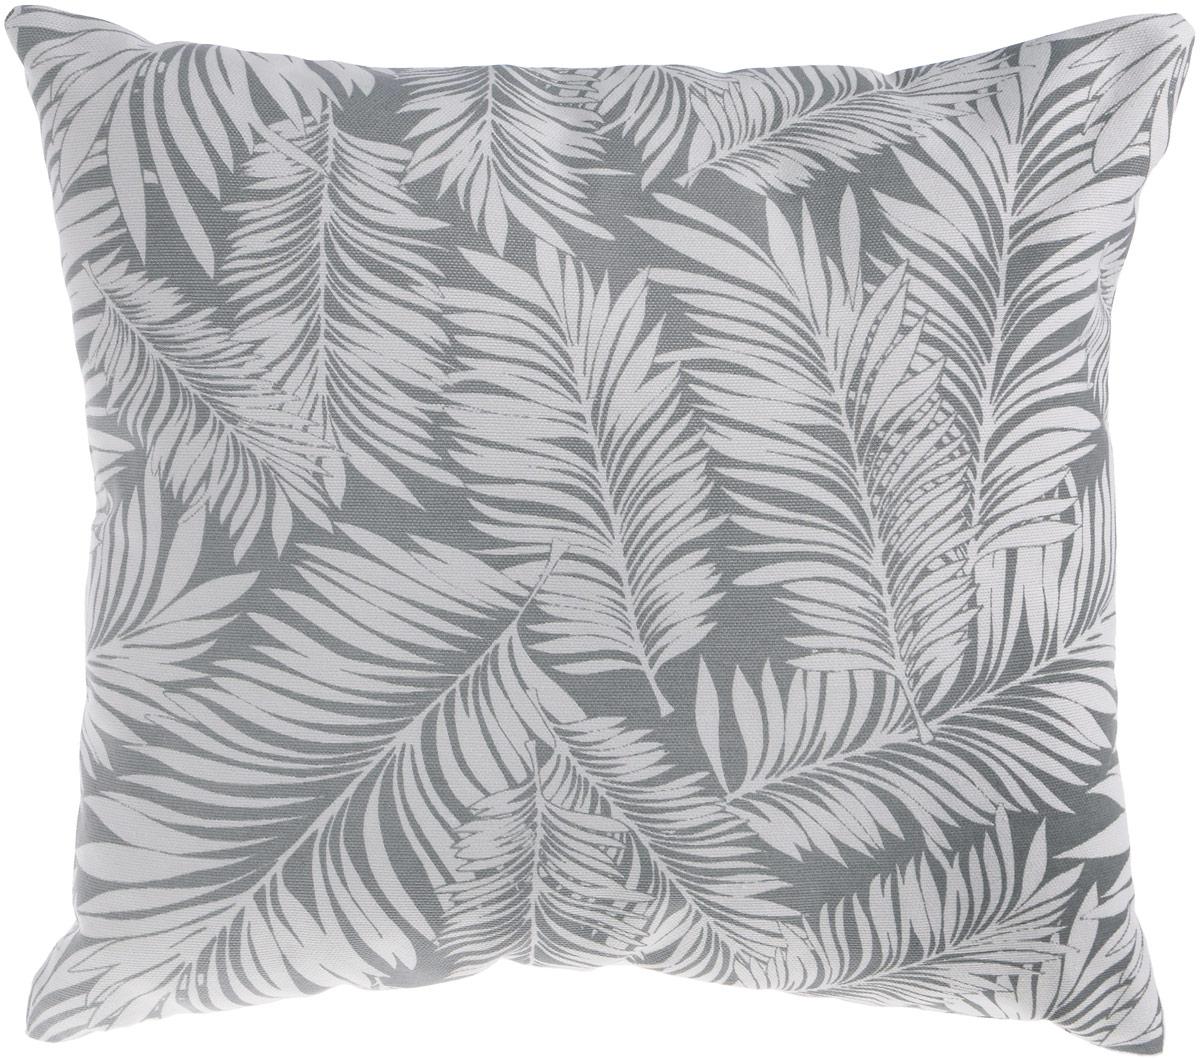 Подушка декоративная KauffOrt Пальма, цвет: серый, 40 x 40 см3122482140Декоративная подушка Пальма прекрасно дополнит интерьер спальни или гостиной. Очень нежный на ощупь чехол подушки выполнен из 75% хлопка и 25% полиэстера. Внутри находится мягкий наполнитель. Чехол легко снимается благодаря потайной молнии. Красивая подушка создаст атмосферу уюта и комфорта в спальне и станет прекрасным элементом декора.